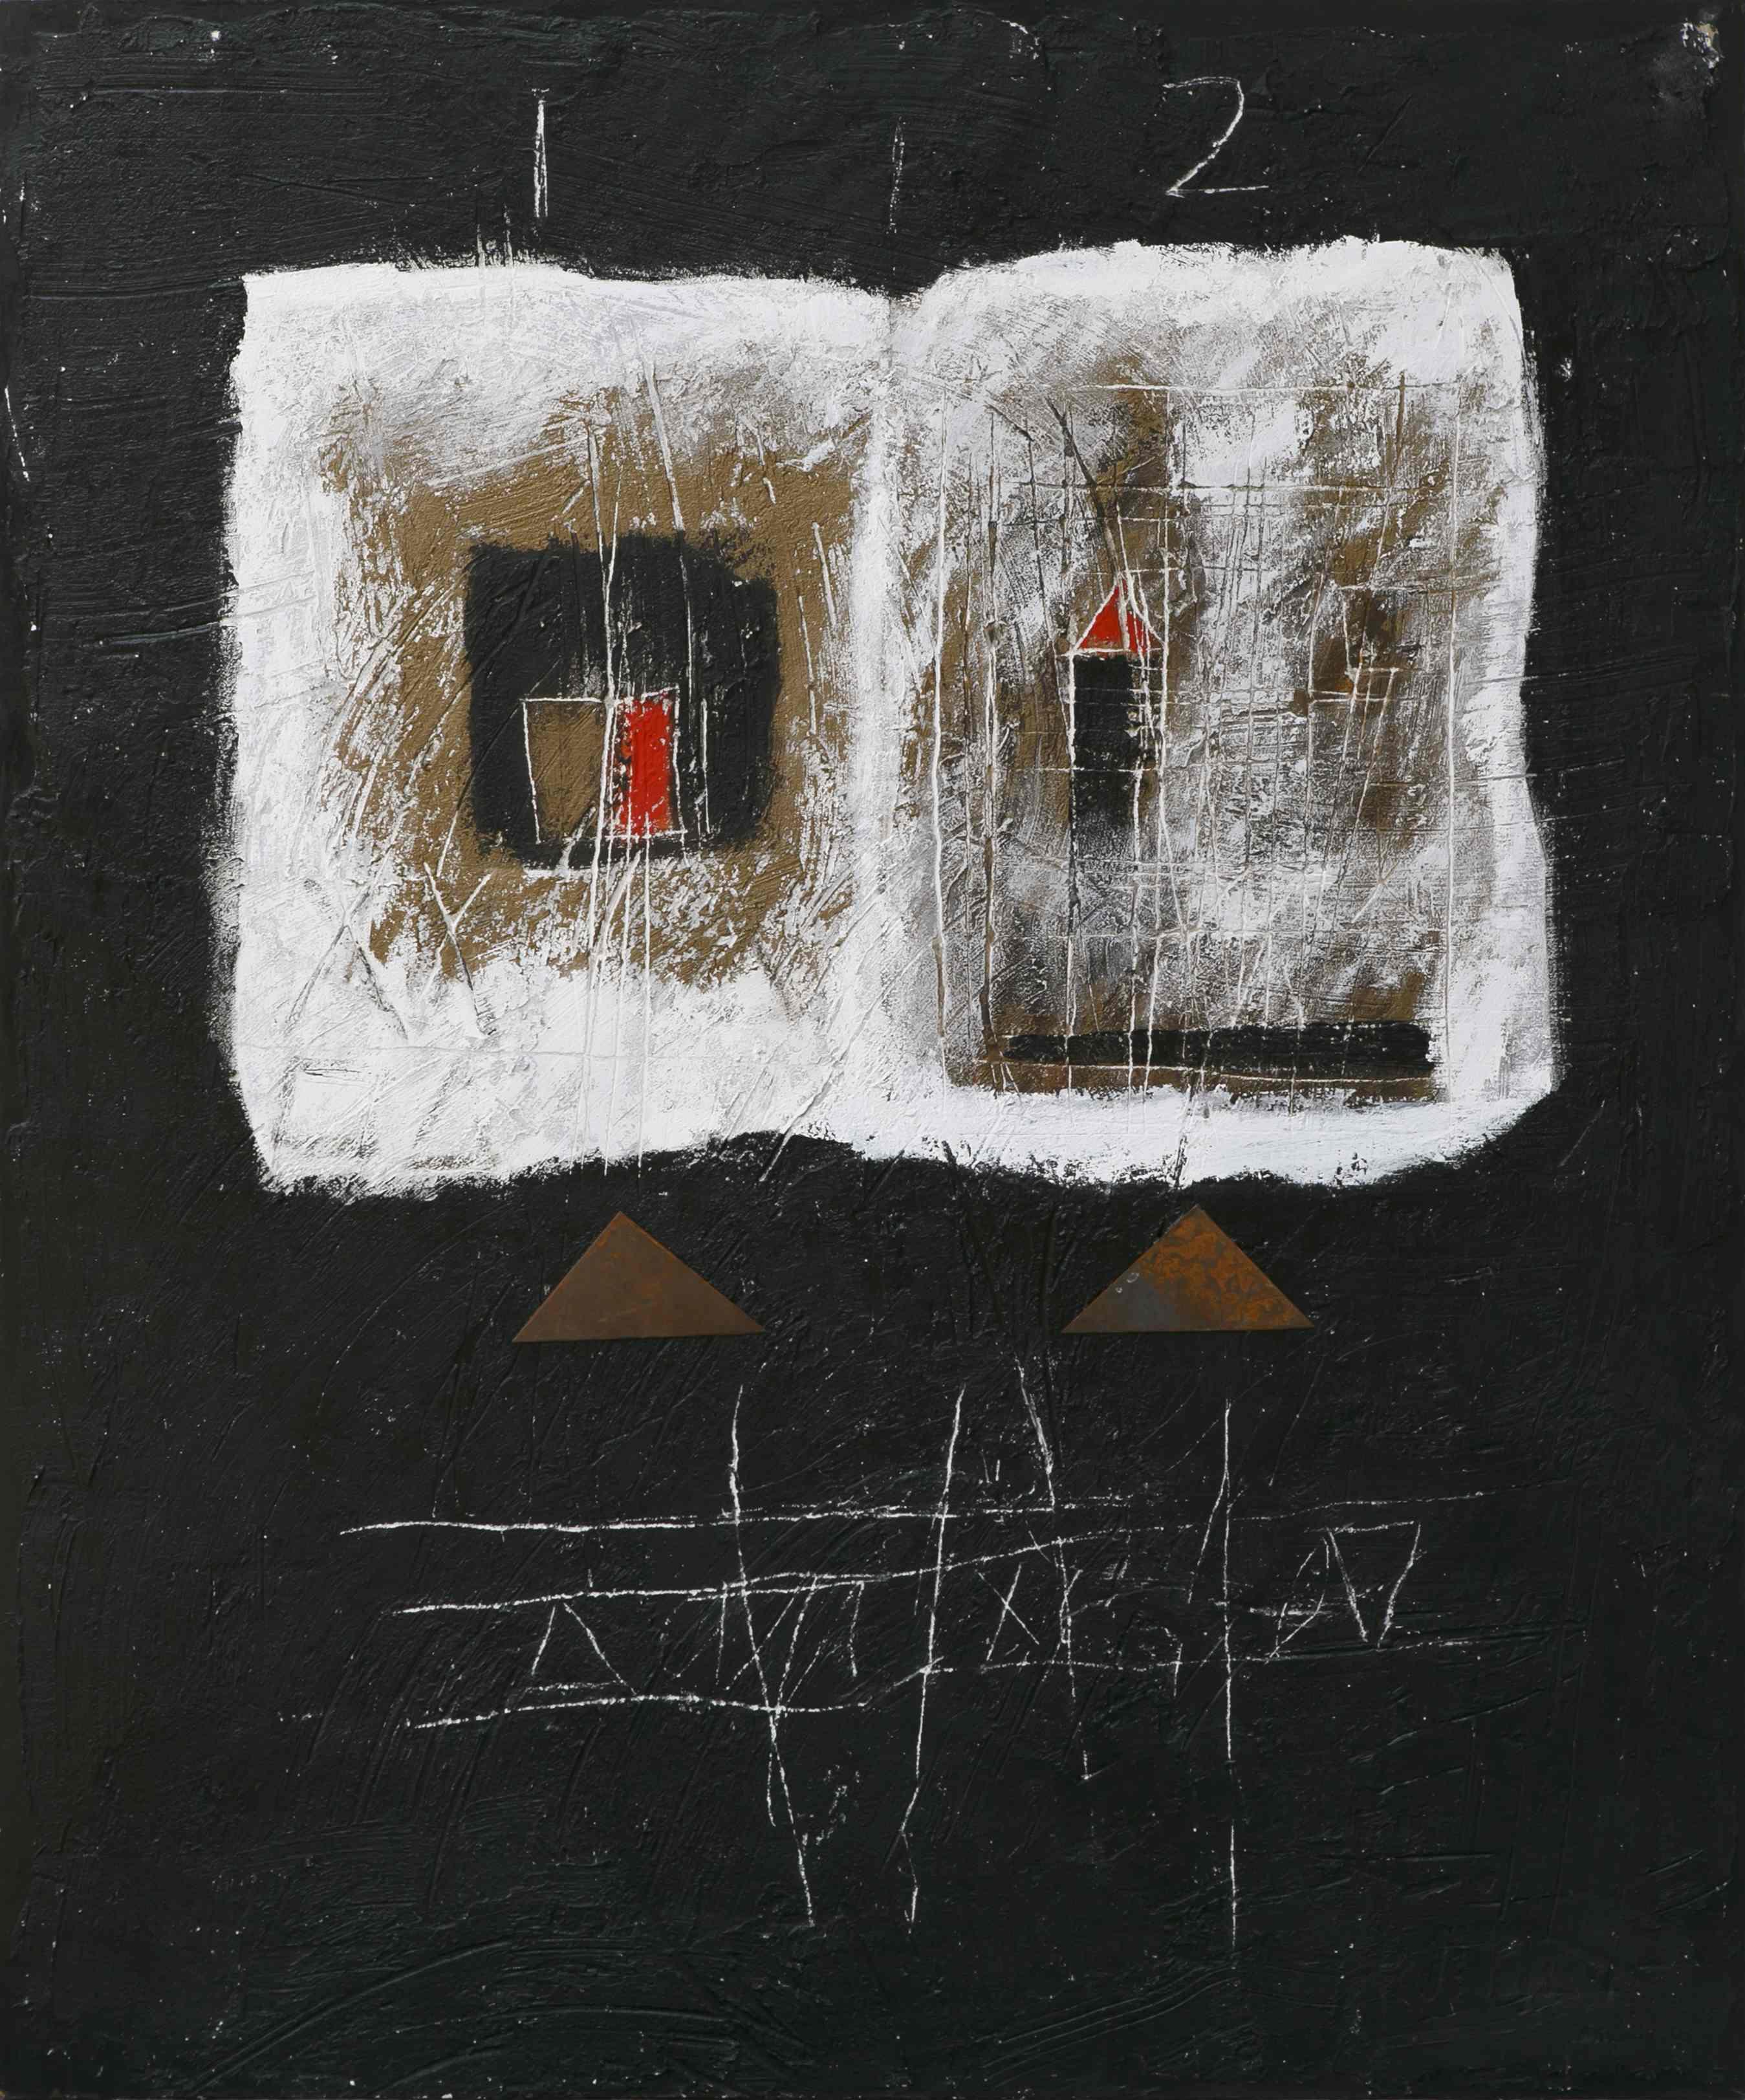 Pagina della memoria, tecnica mista con ferro su tavola, 120x100, 2011